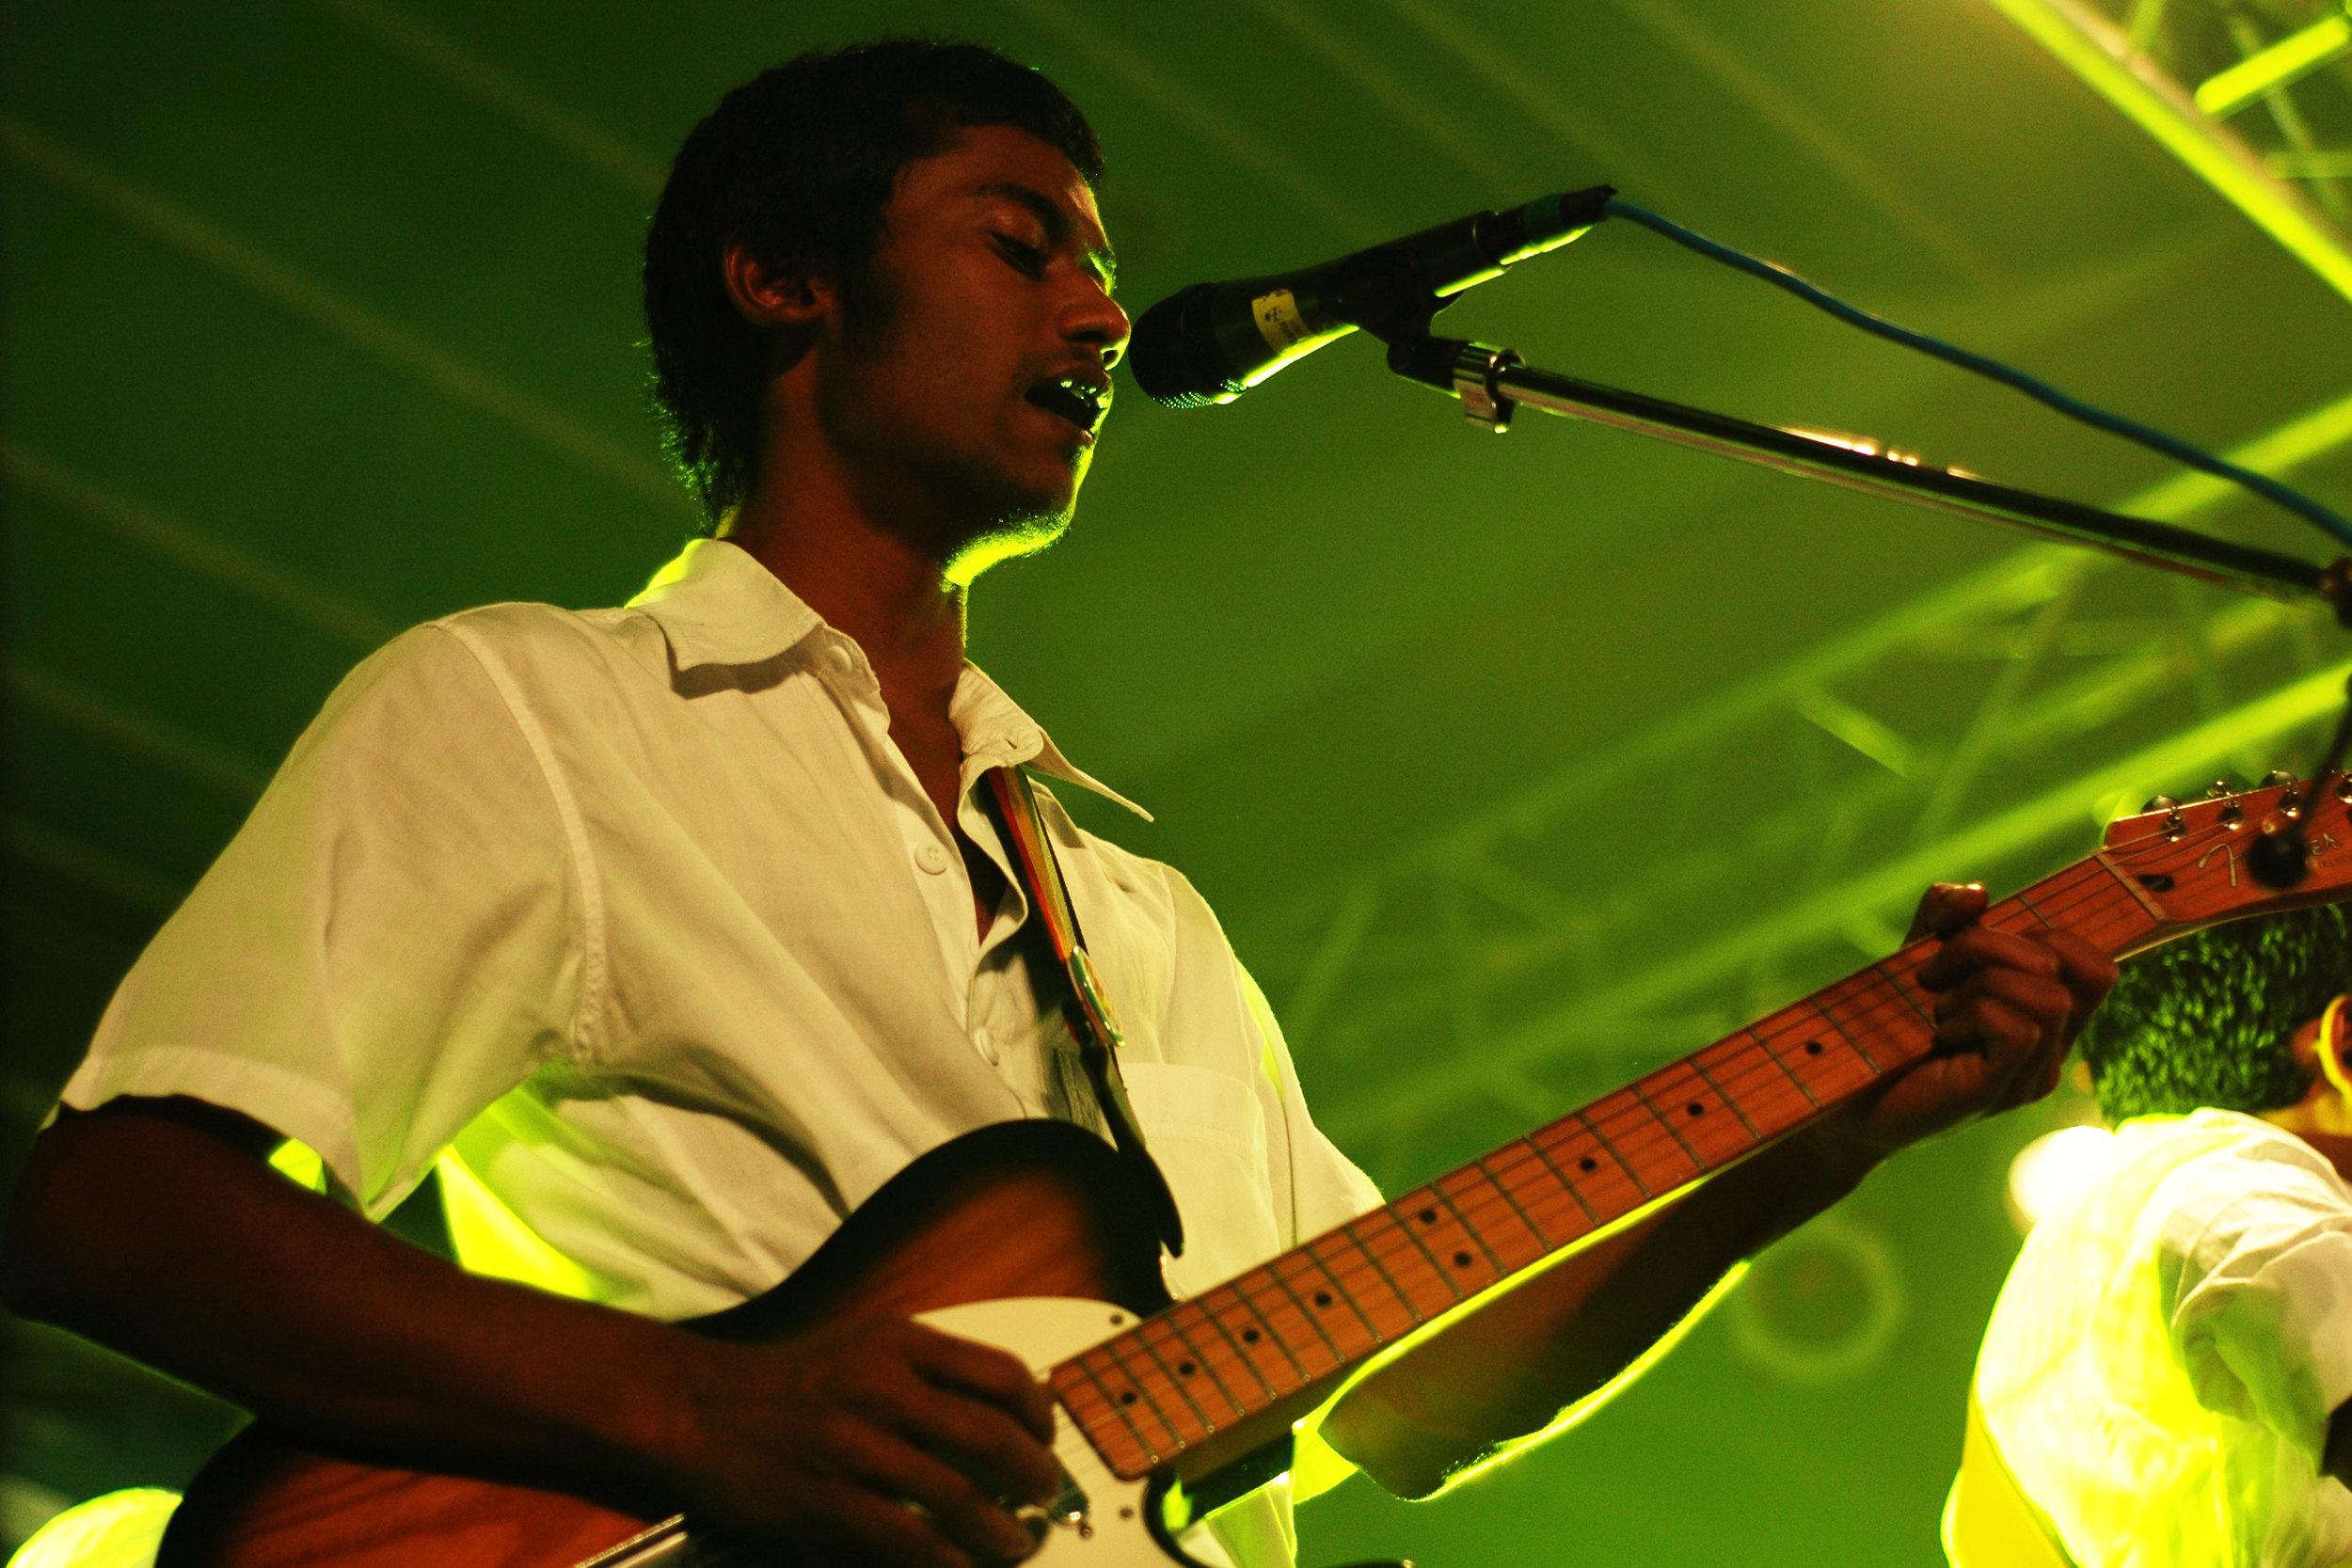 2009-08-19 - Male' City - Dharubaaruge' - Eku Ekee Album Launch - D70s-7988.jpg